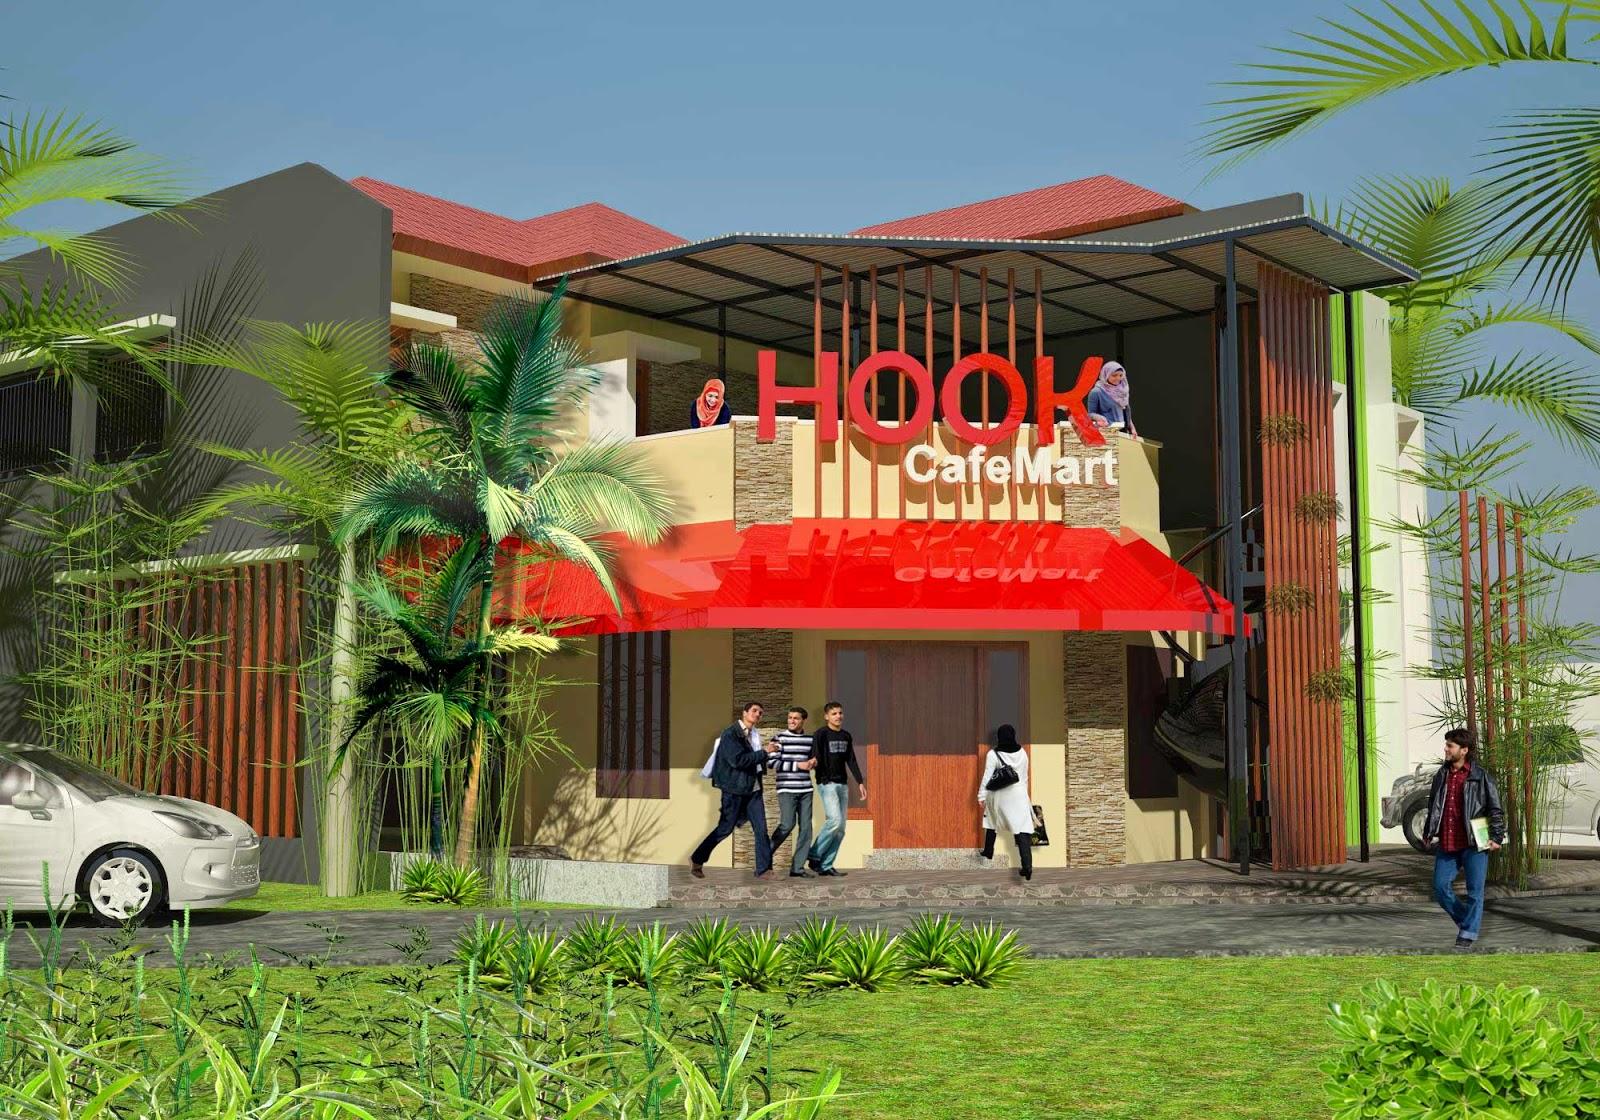 HOOK CafeMart : Rumah Kos, Mini Market & Cafe di Sidoarjo